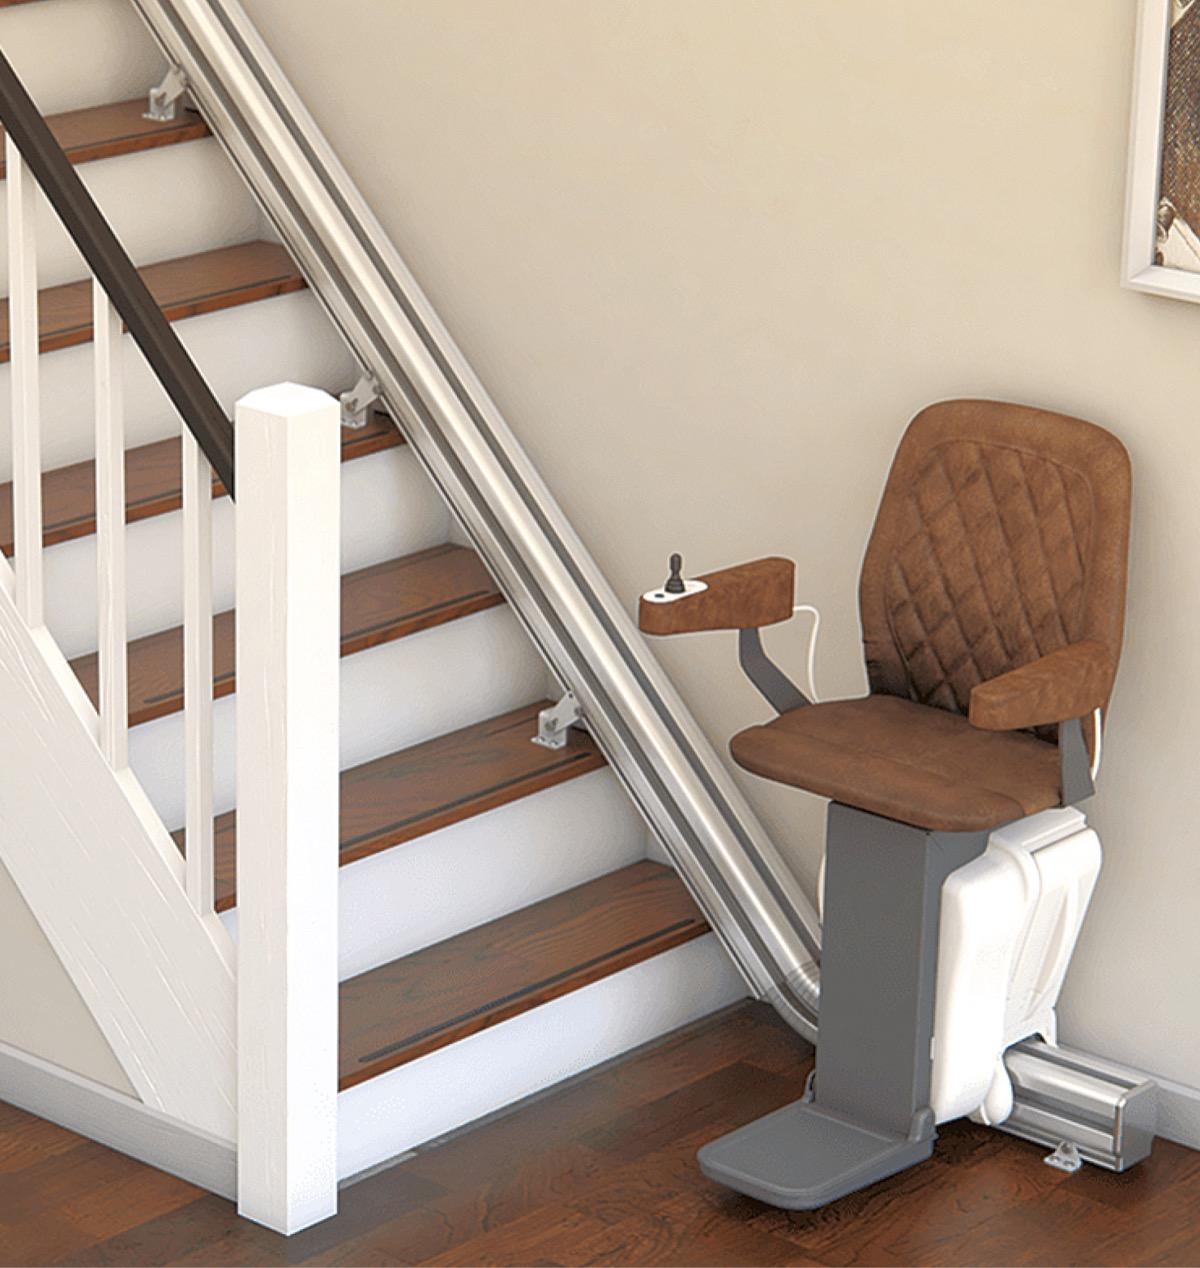 一般家庭用階段リフト 待望のレンタルスタート! 記念セールで半額に ...